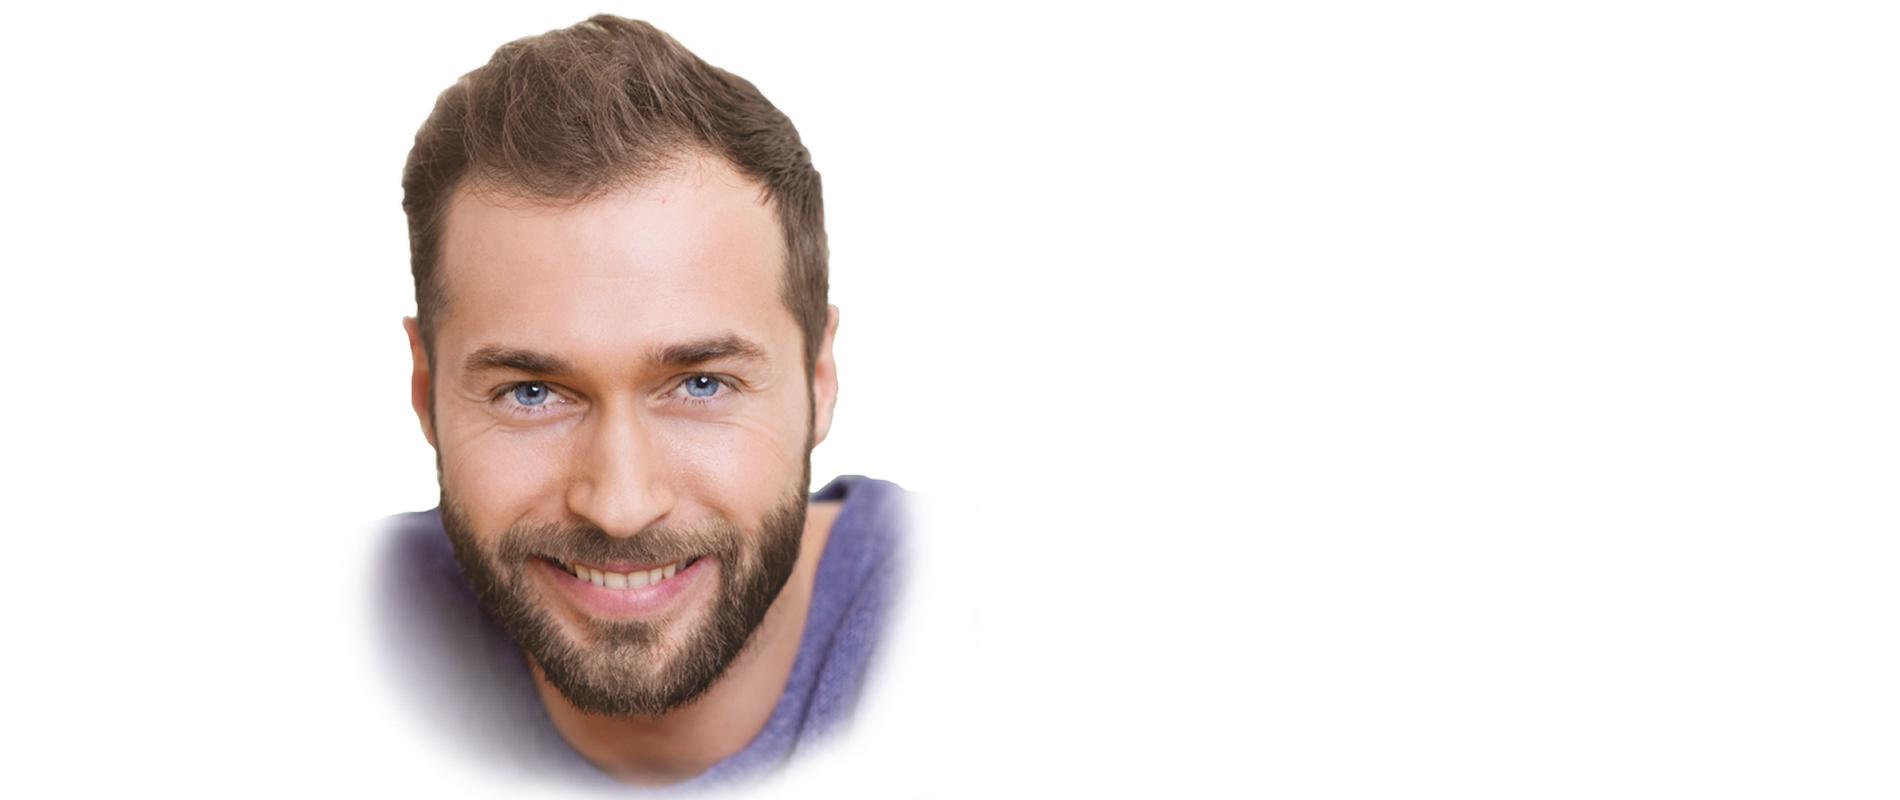 Bartfarbe Mittel braun kaufen Bart faerben Model